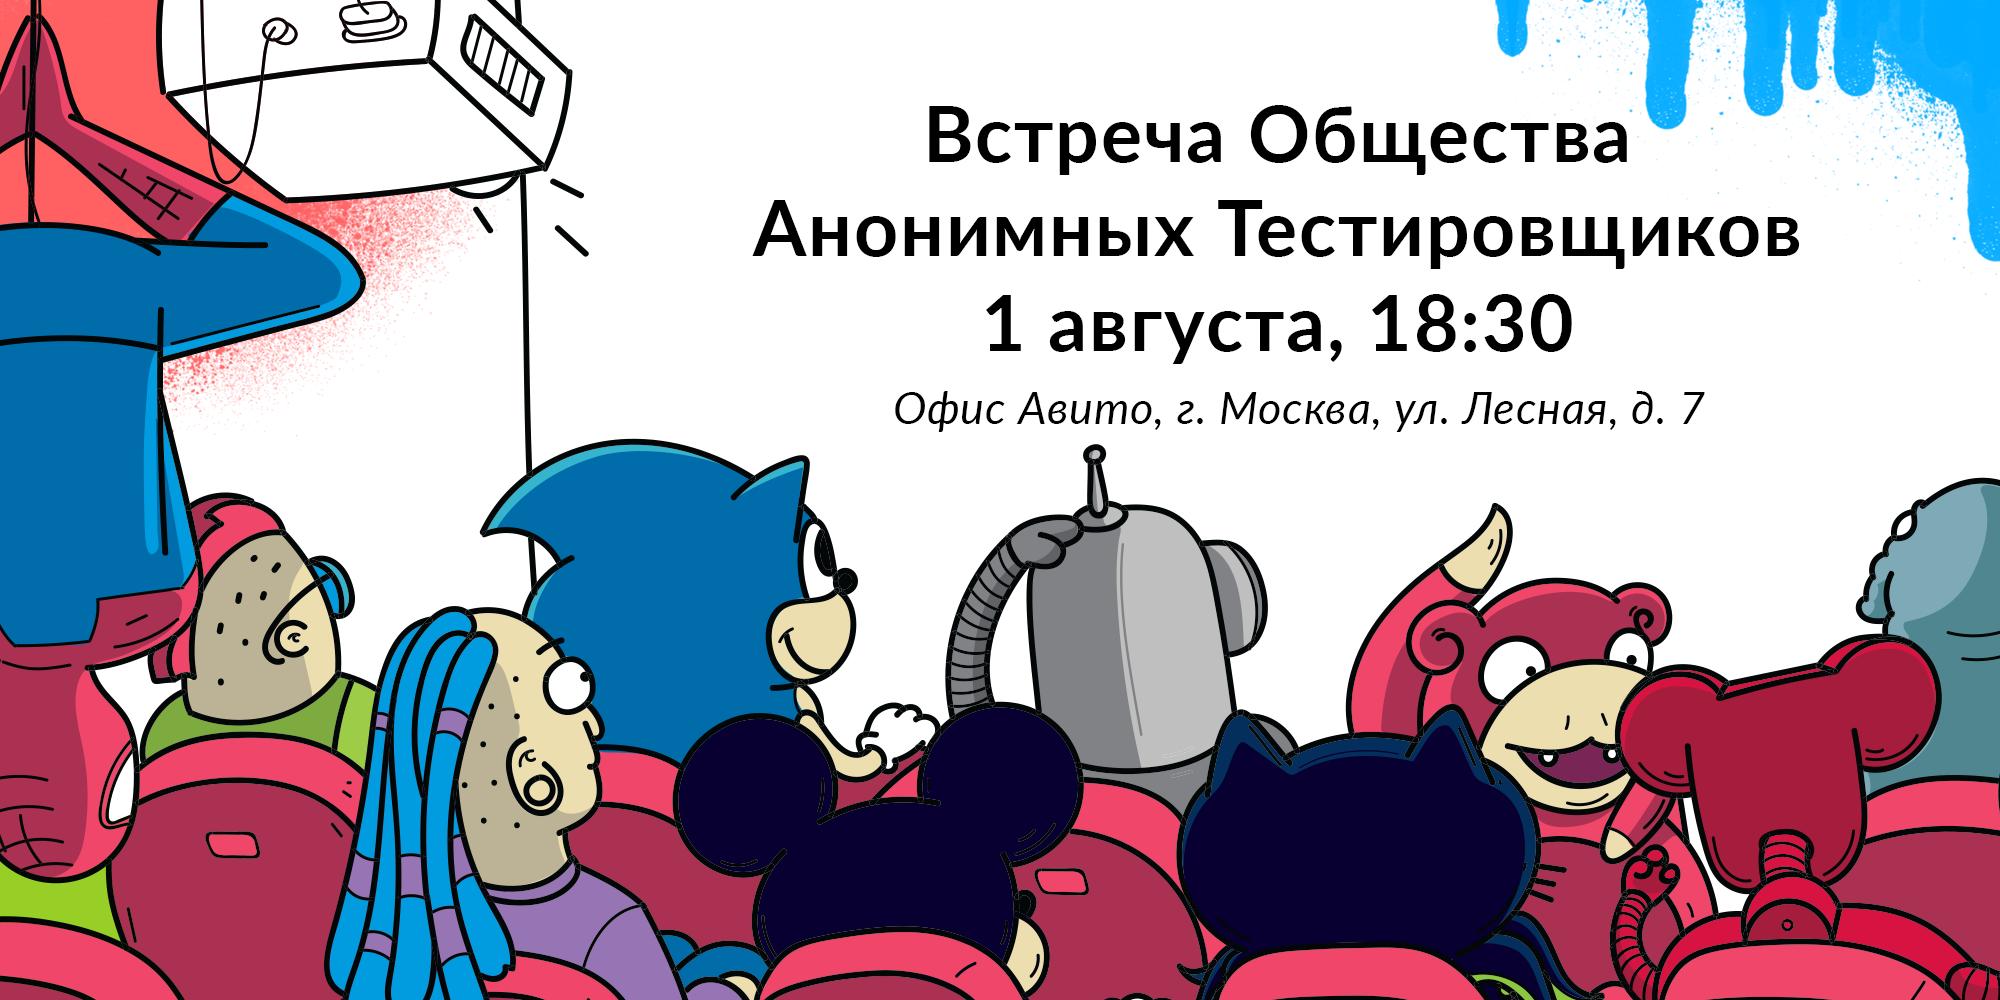 Встреча Общества Анонимных Тестировщиков: TMS, мониторинг мониторинга, оценка качества поиска и нативные iOS-тесты - 1